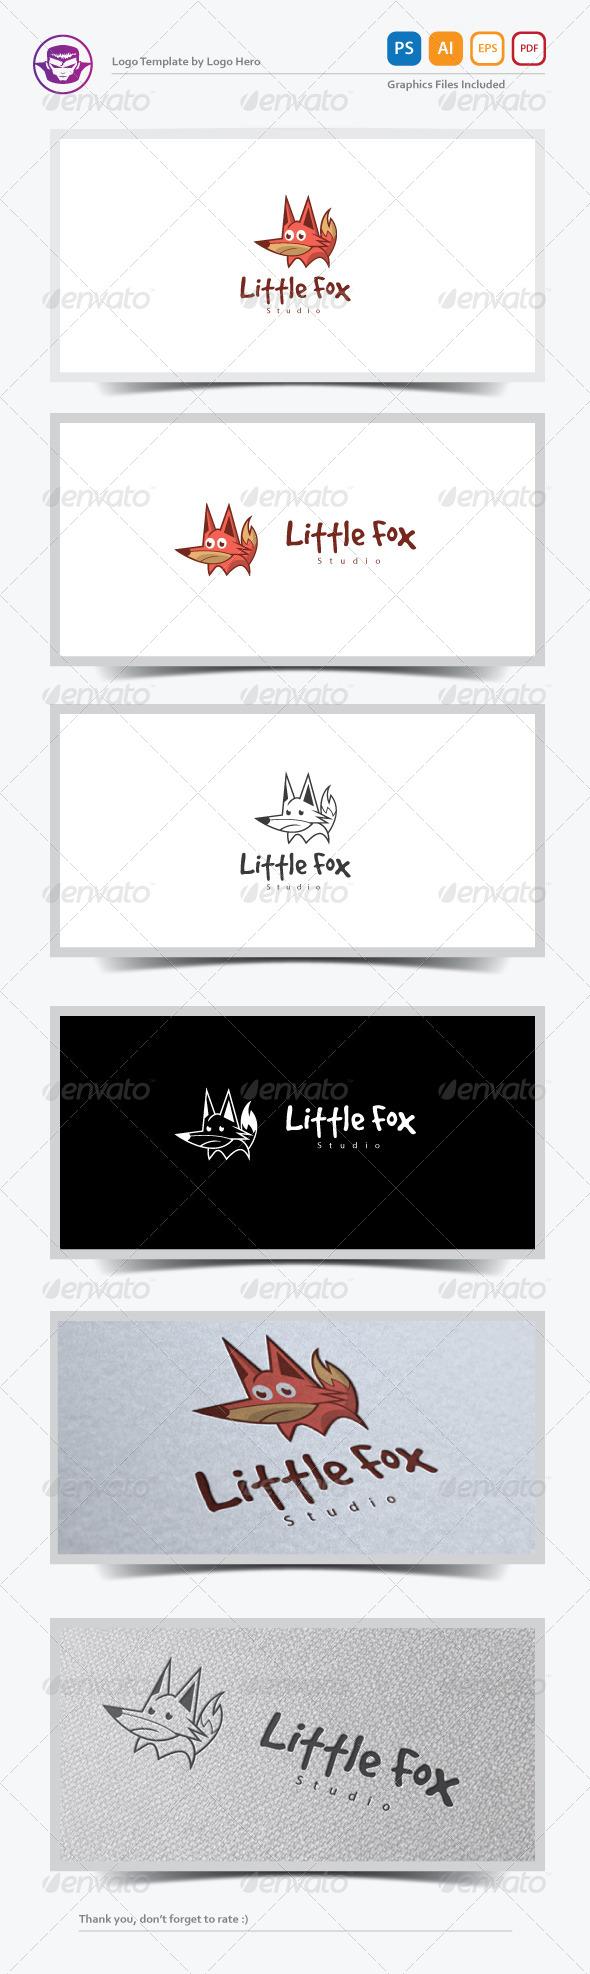 GraphicRiver Little Fox Logo Template 7640060